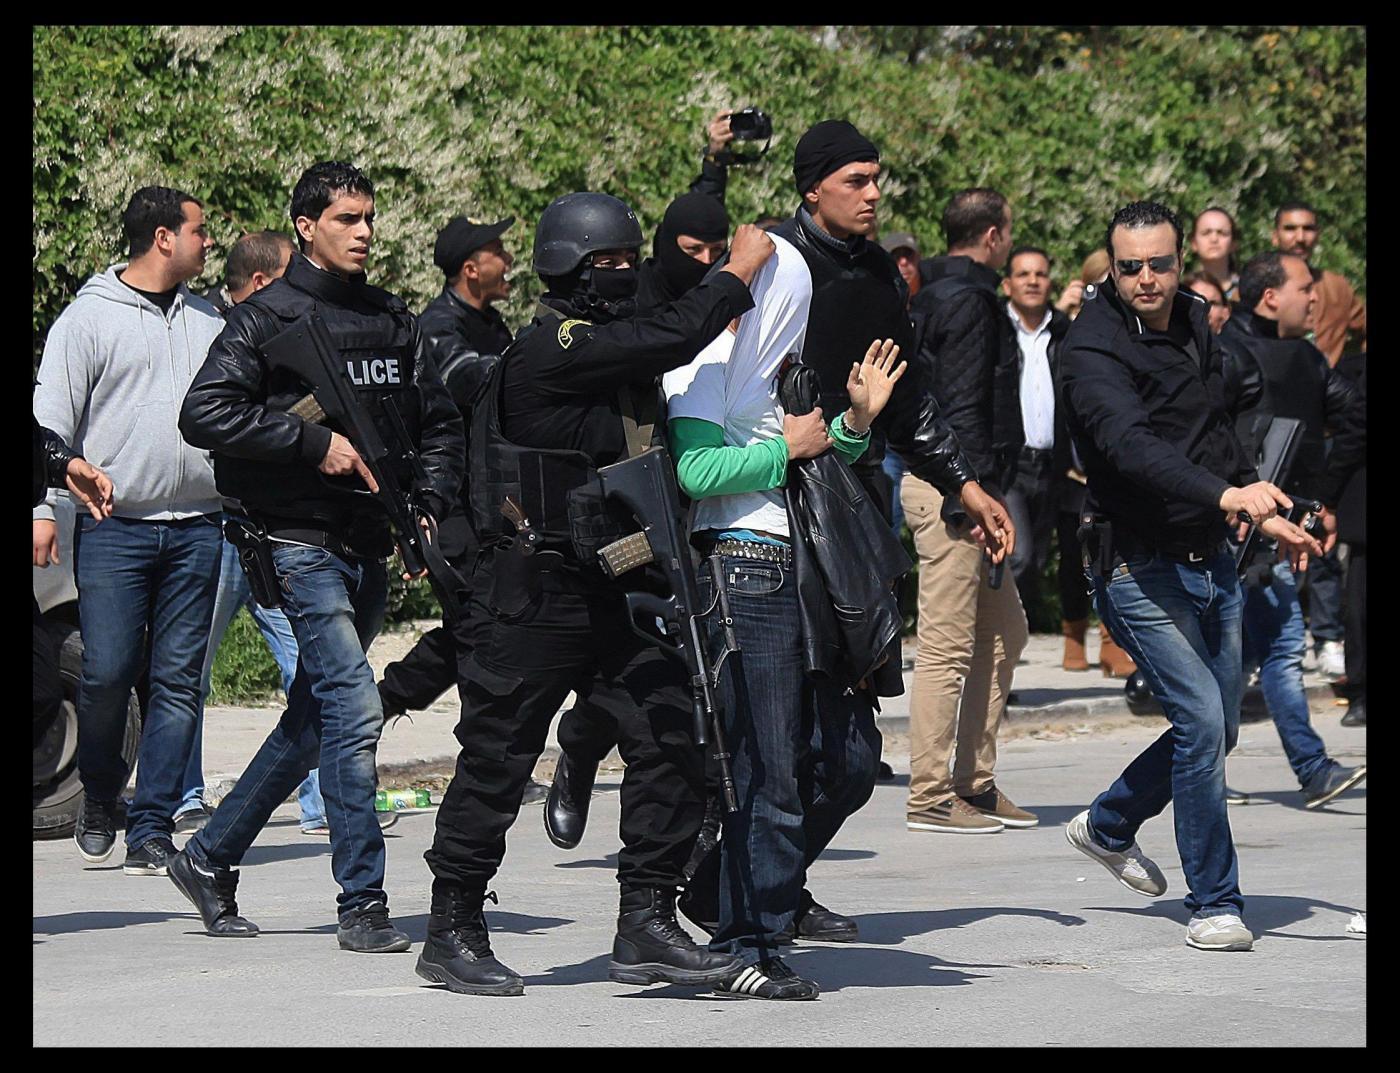 Attentato a Tunisi, video inedito: in fuga un terzo terrorista. Arrestati vertici di polizia